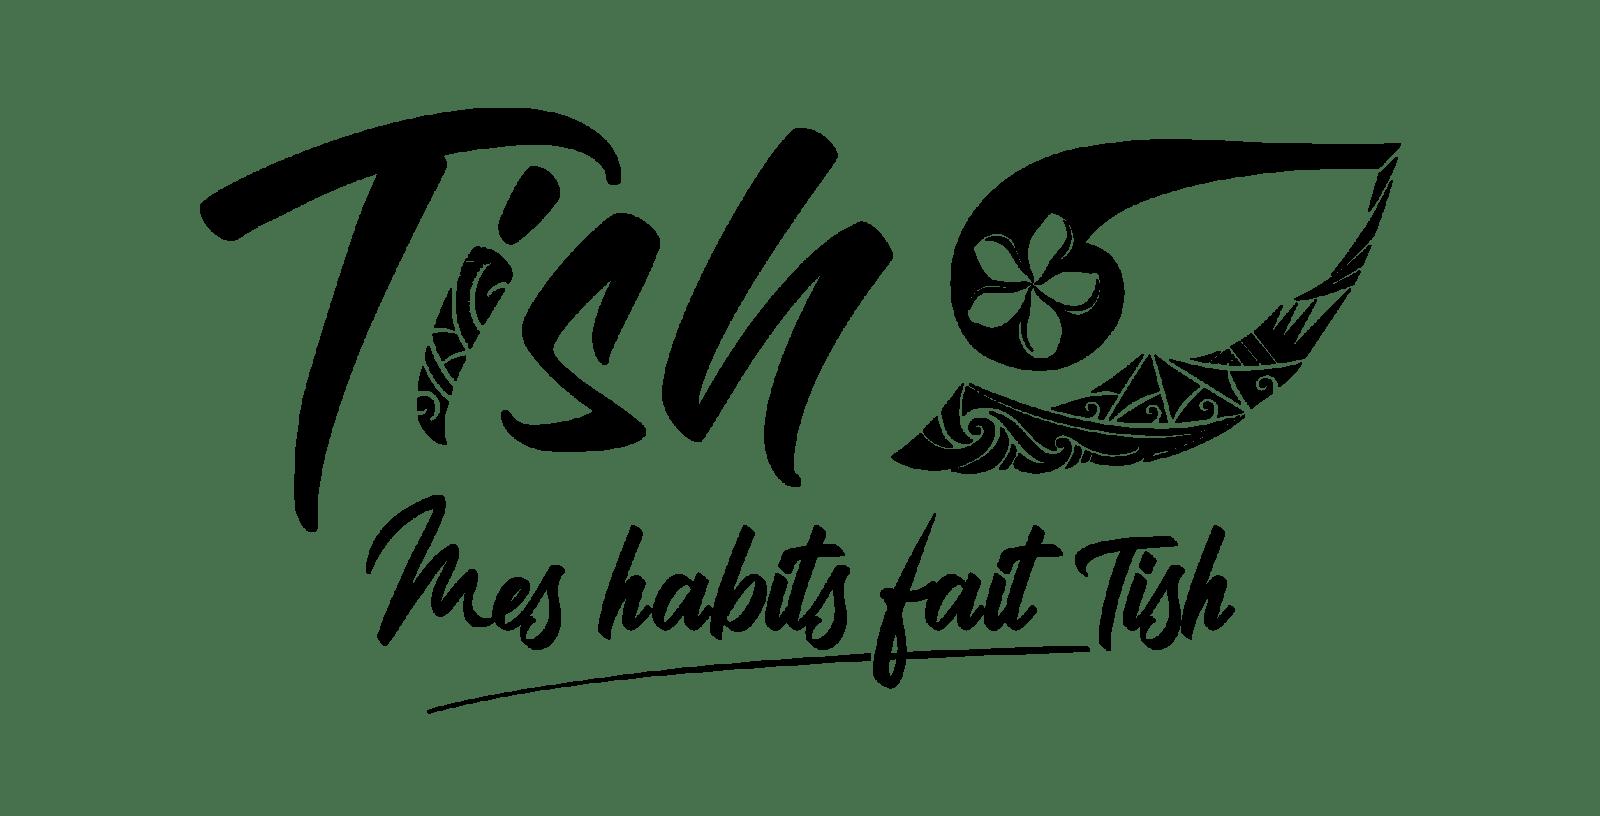 Logo Tish Tahiti